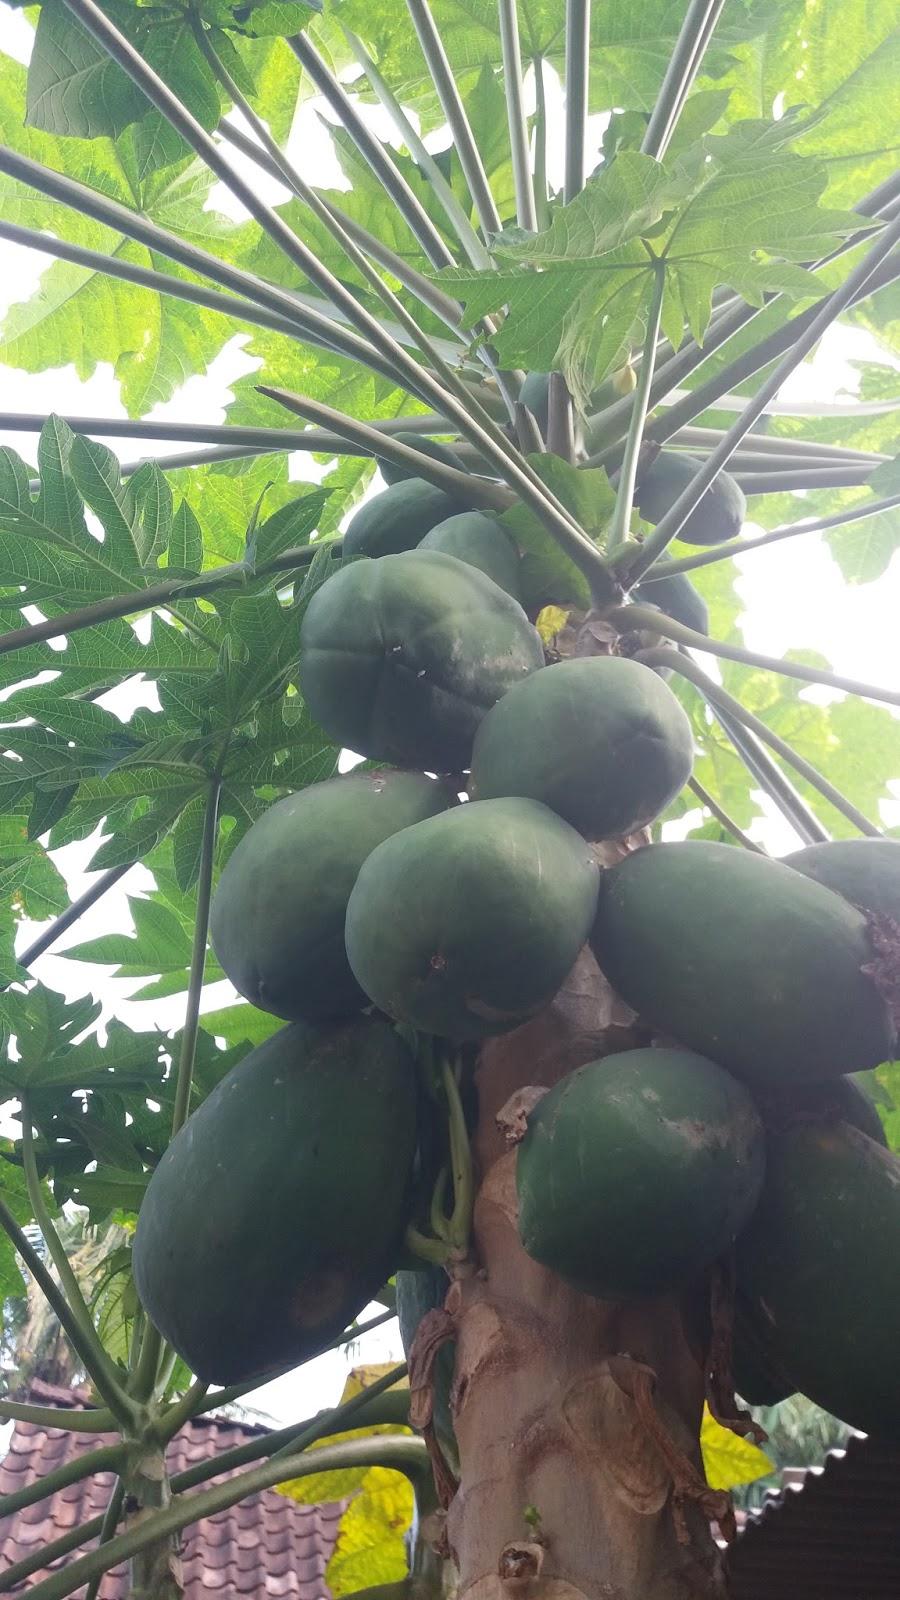 Manfaat Getah Pepaya Stokis Hcs Boyolali